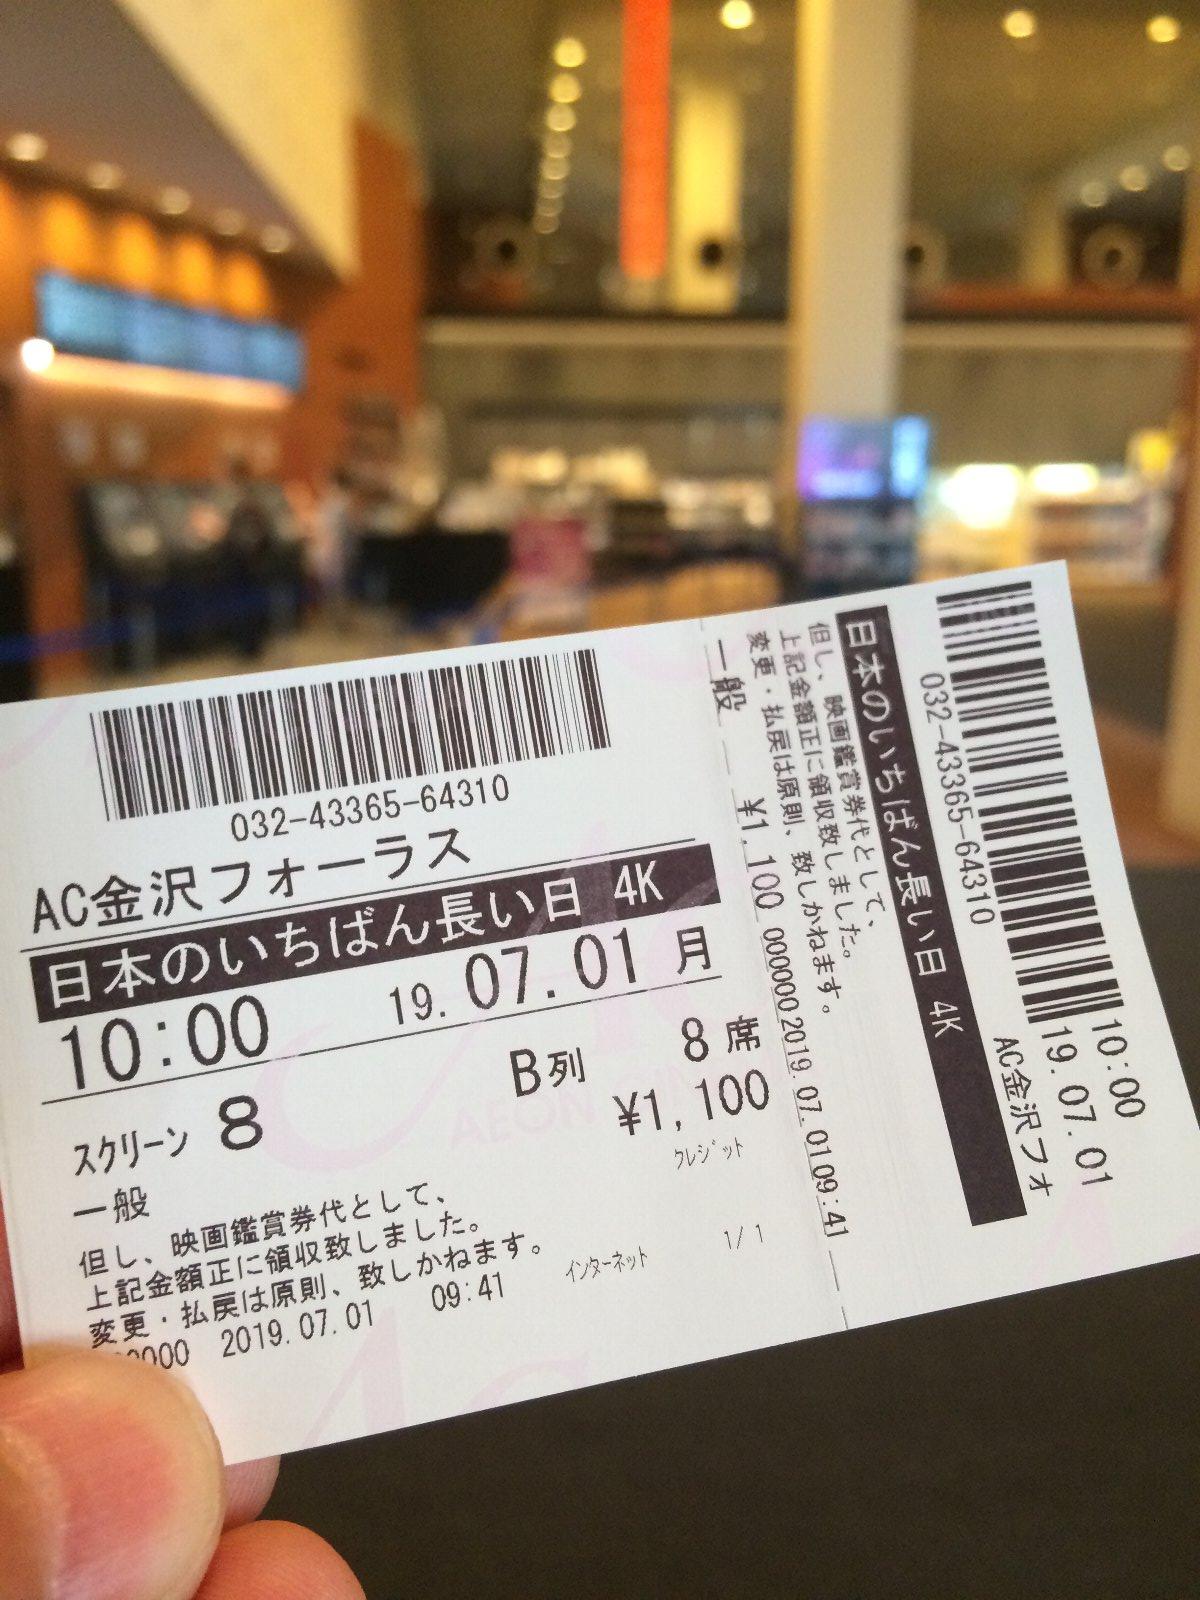 『日本のいちばん長い日』チケット